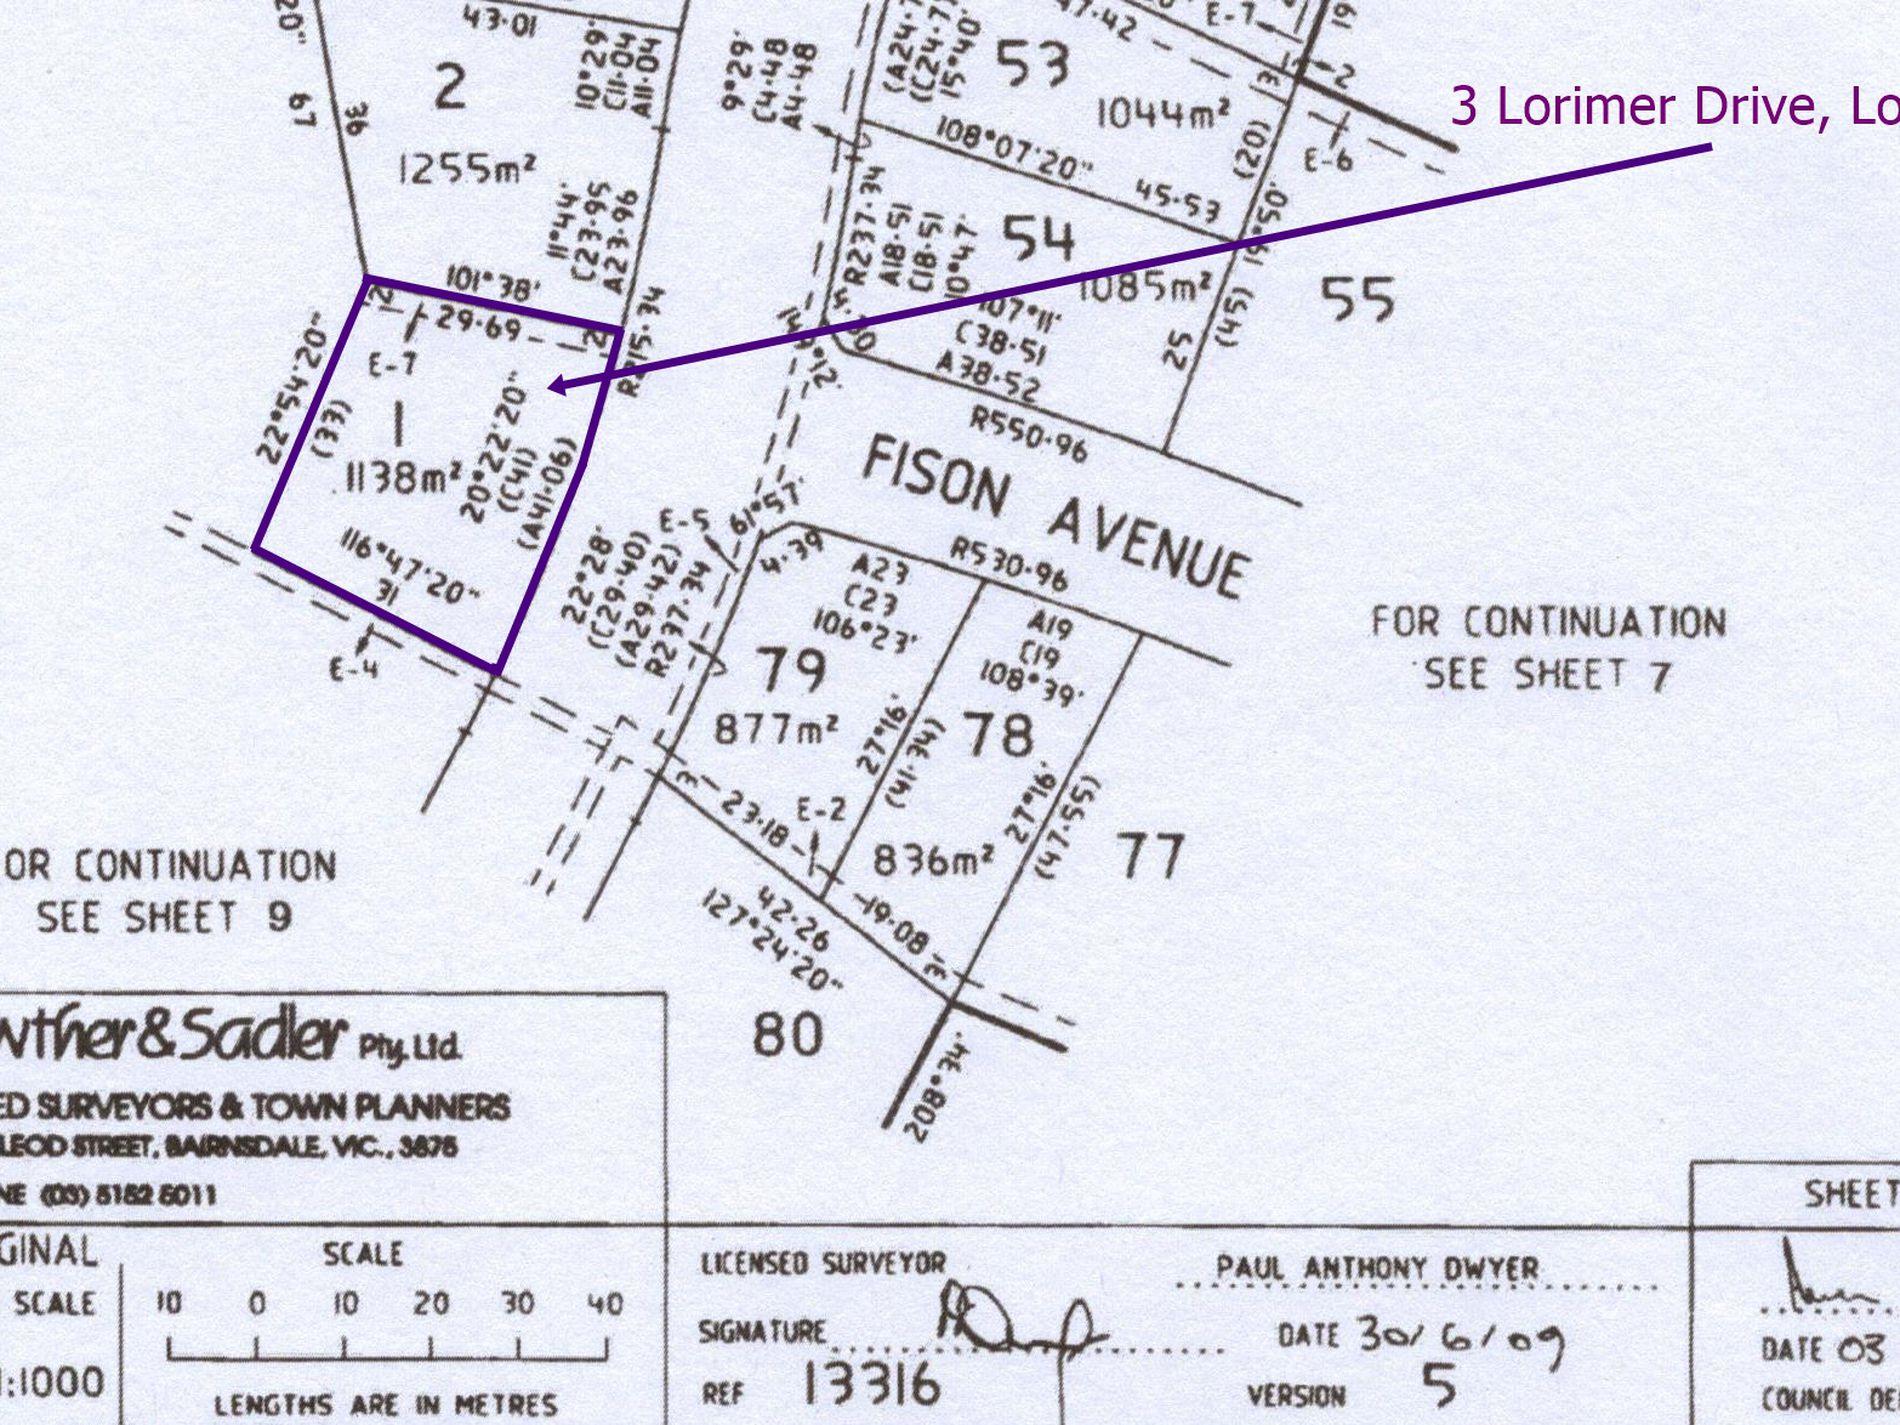 3 Lorimer Drive, Eastwood